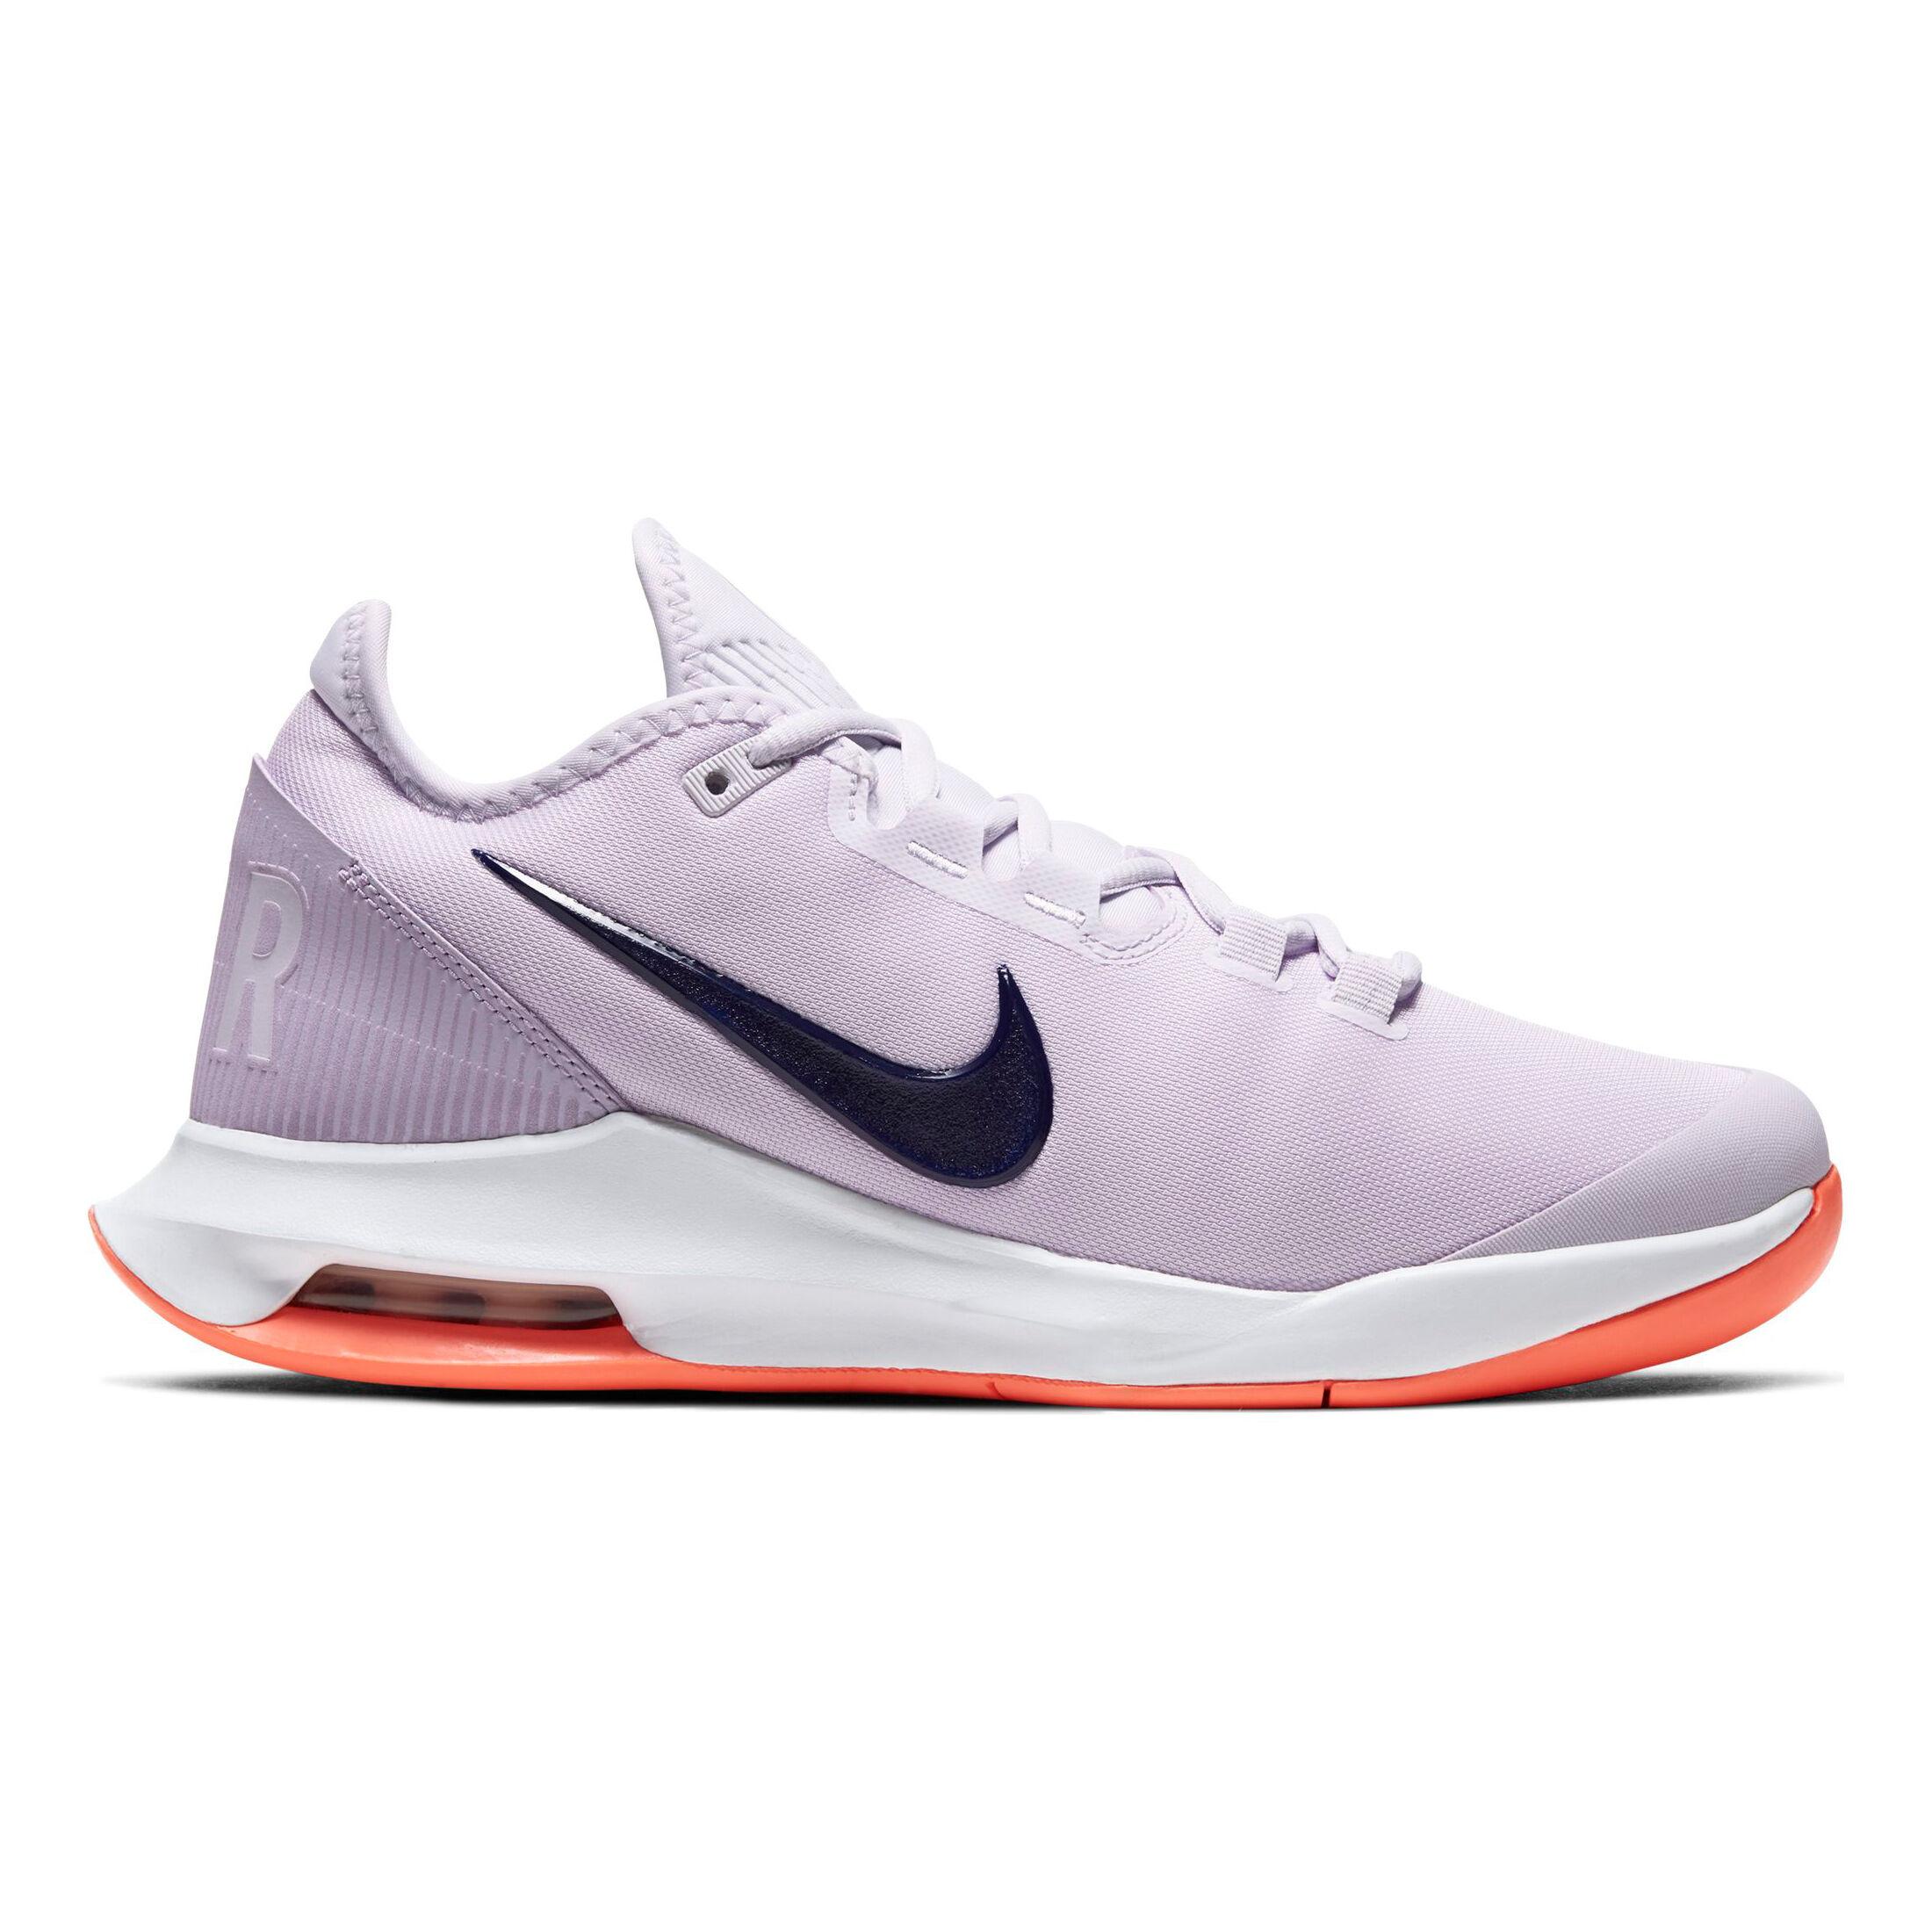 Nike Air Max Wildcard Chaussure Tout Terrain Femmes Lilas